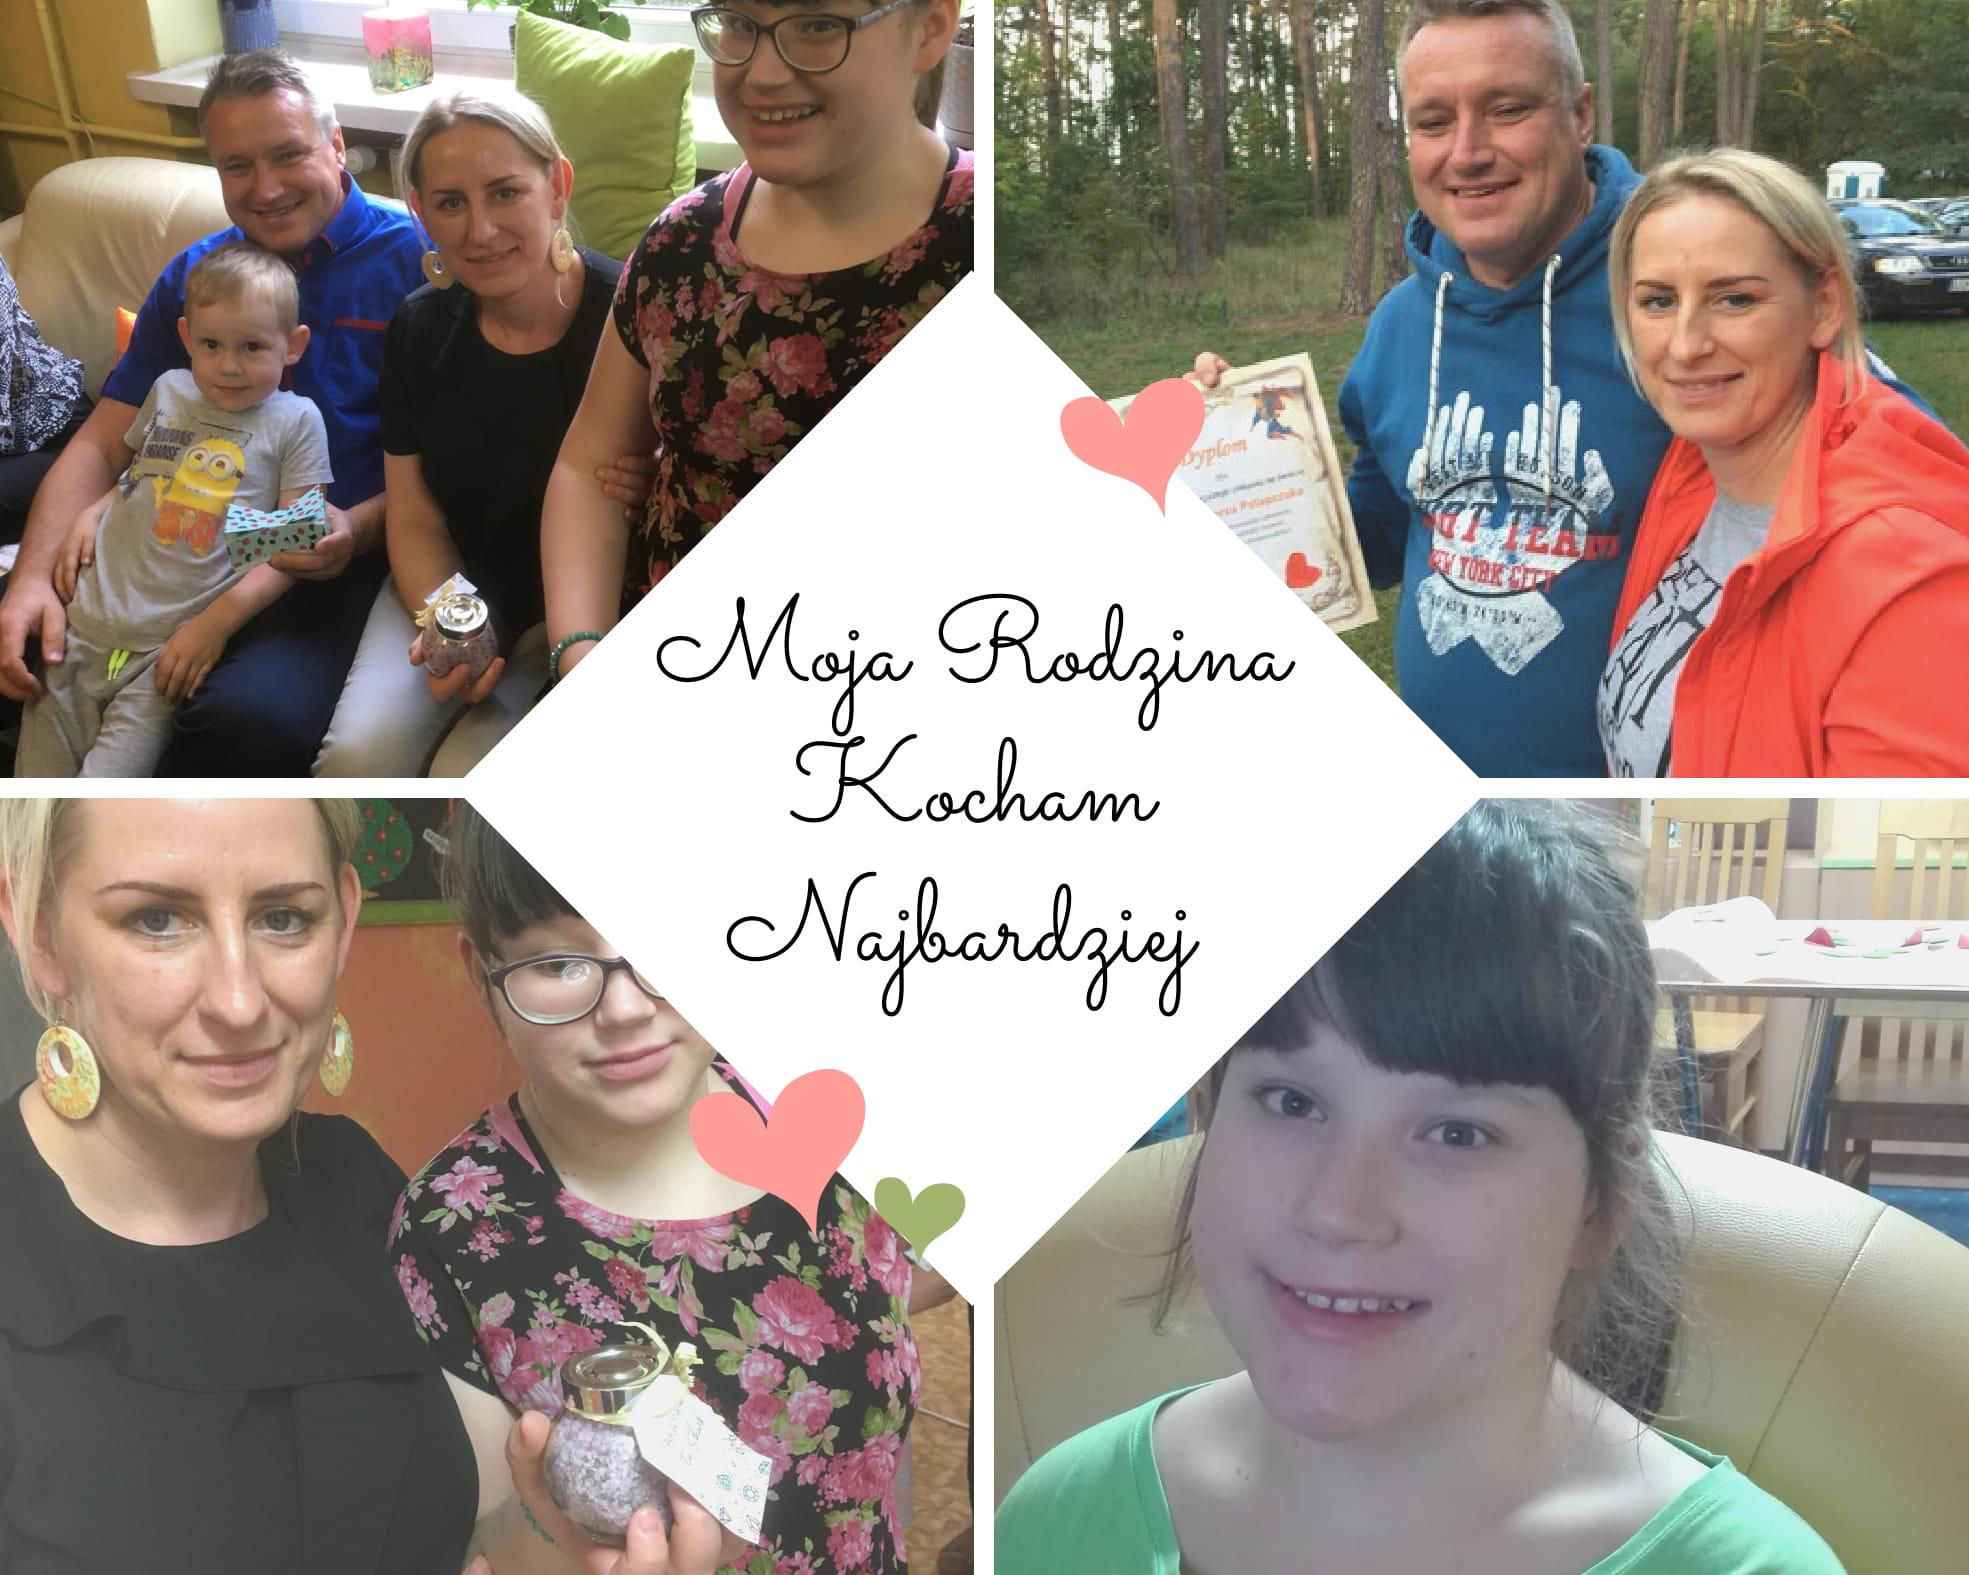 Moja Rodzina Kocham Najbardziej-1